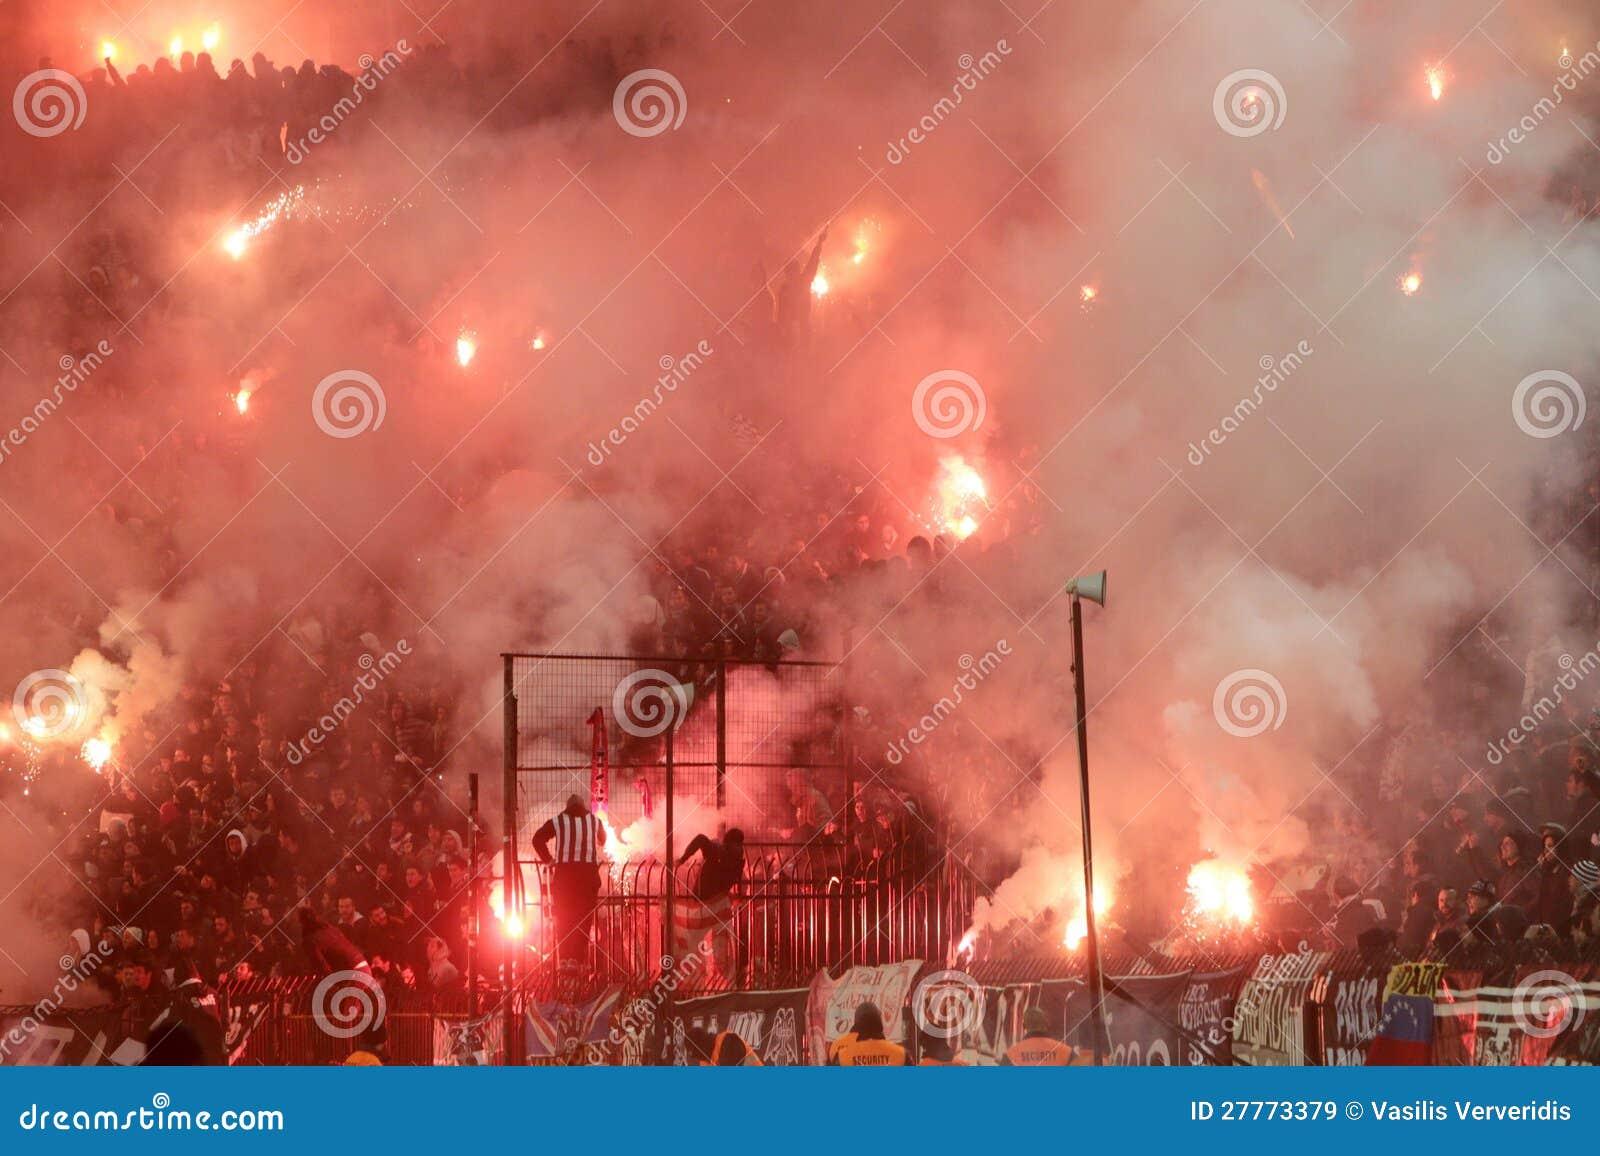 Match de football entre Paok et Olympiacos